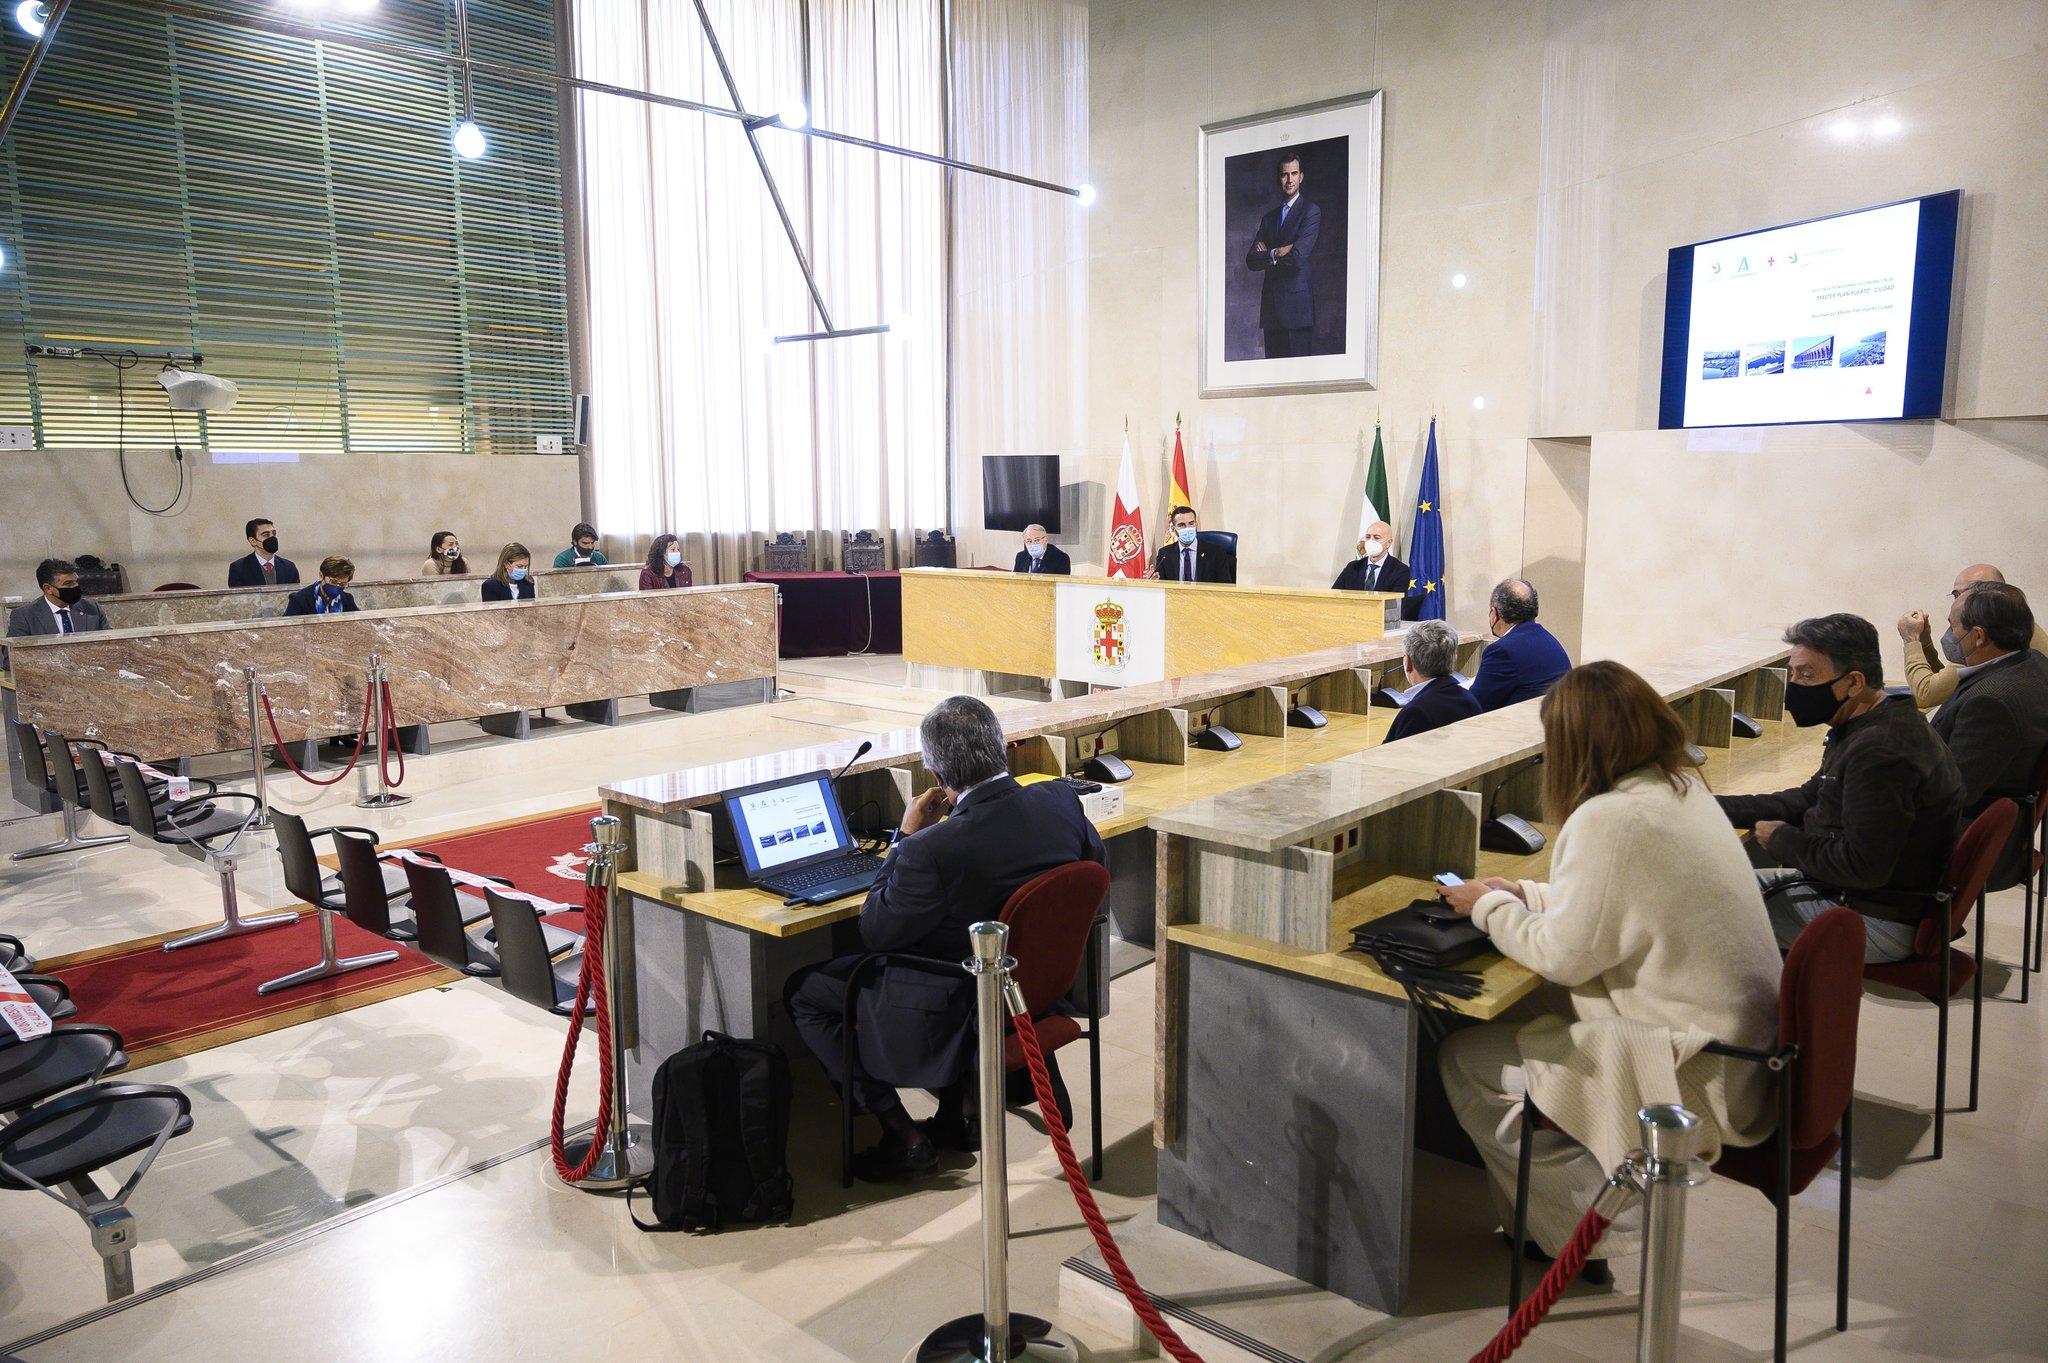 Autoridad Portuaria y Ayuntamiento reciben de la Fundación Bahía Almeriport el documento del Master Plan del Puerto Ciudad